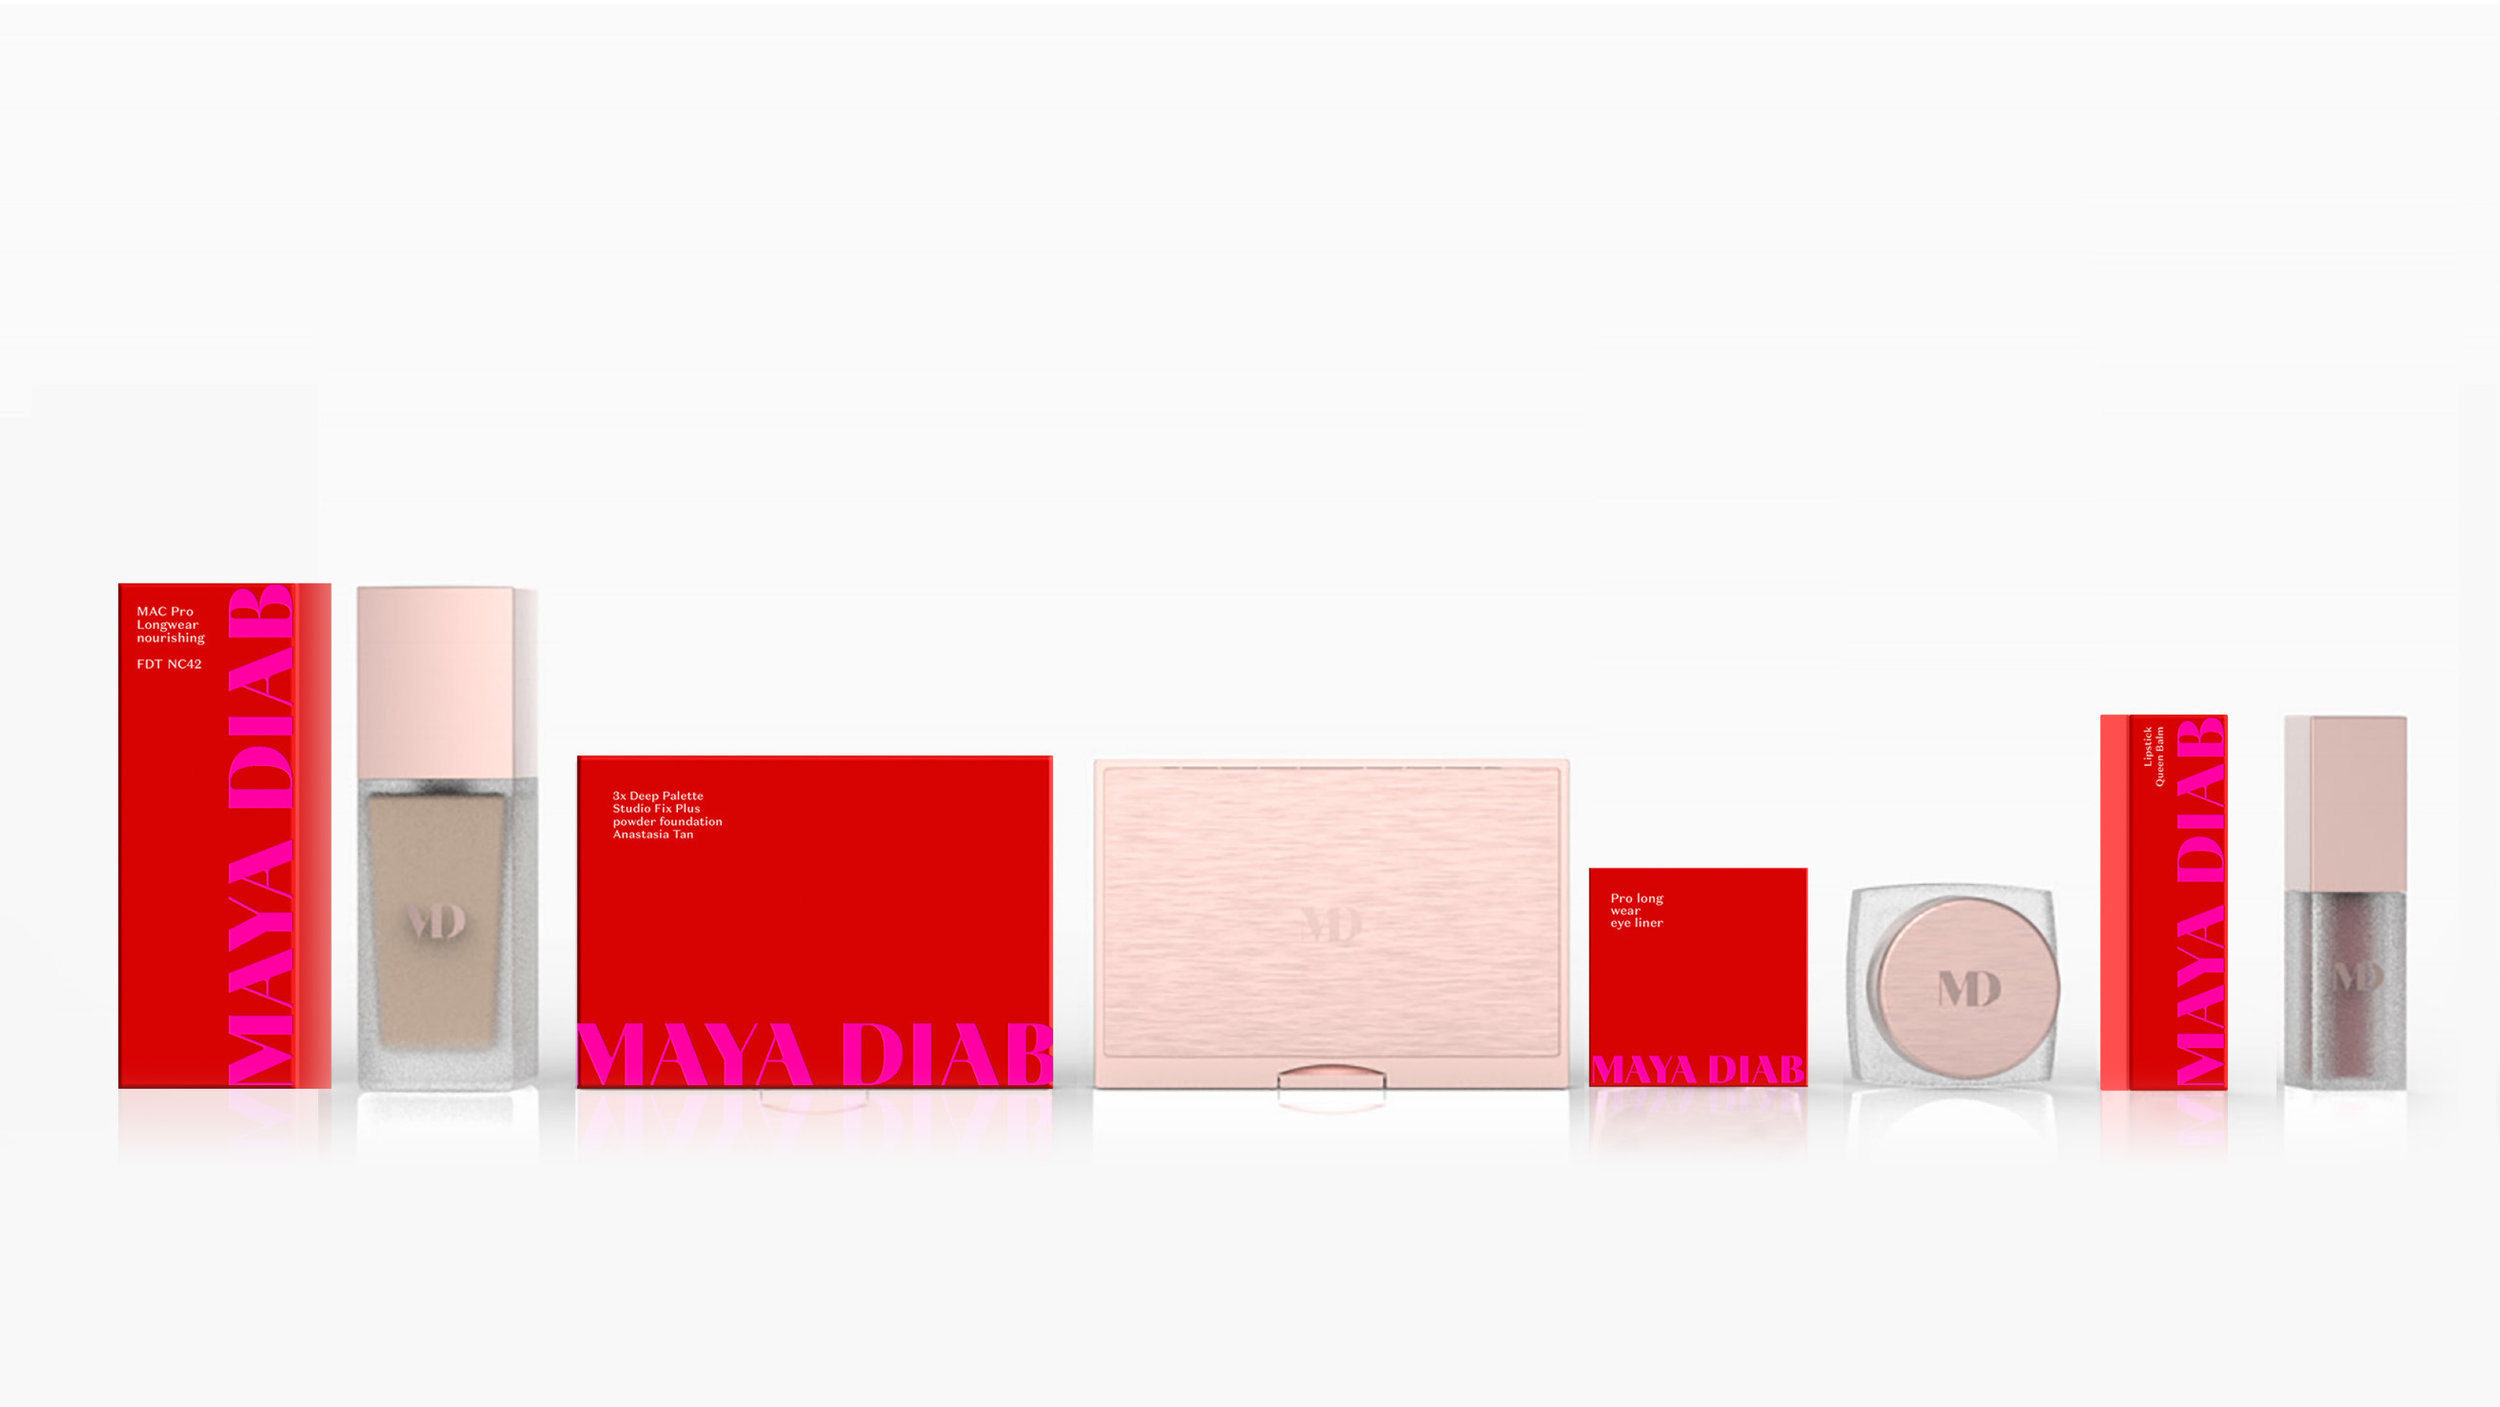 MayaDiab_packaging_190318-8.jpg